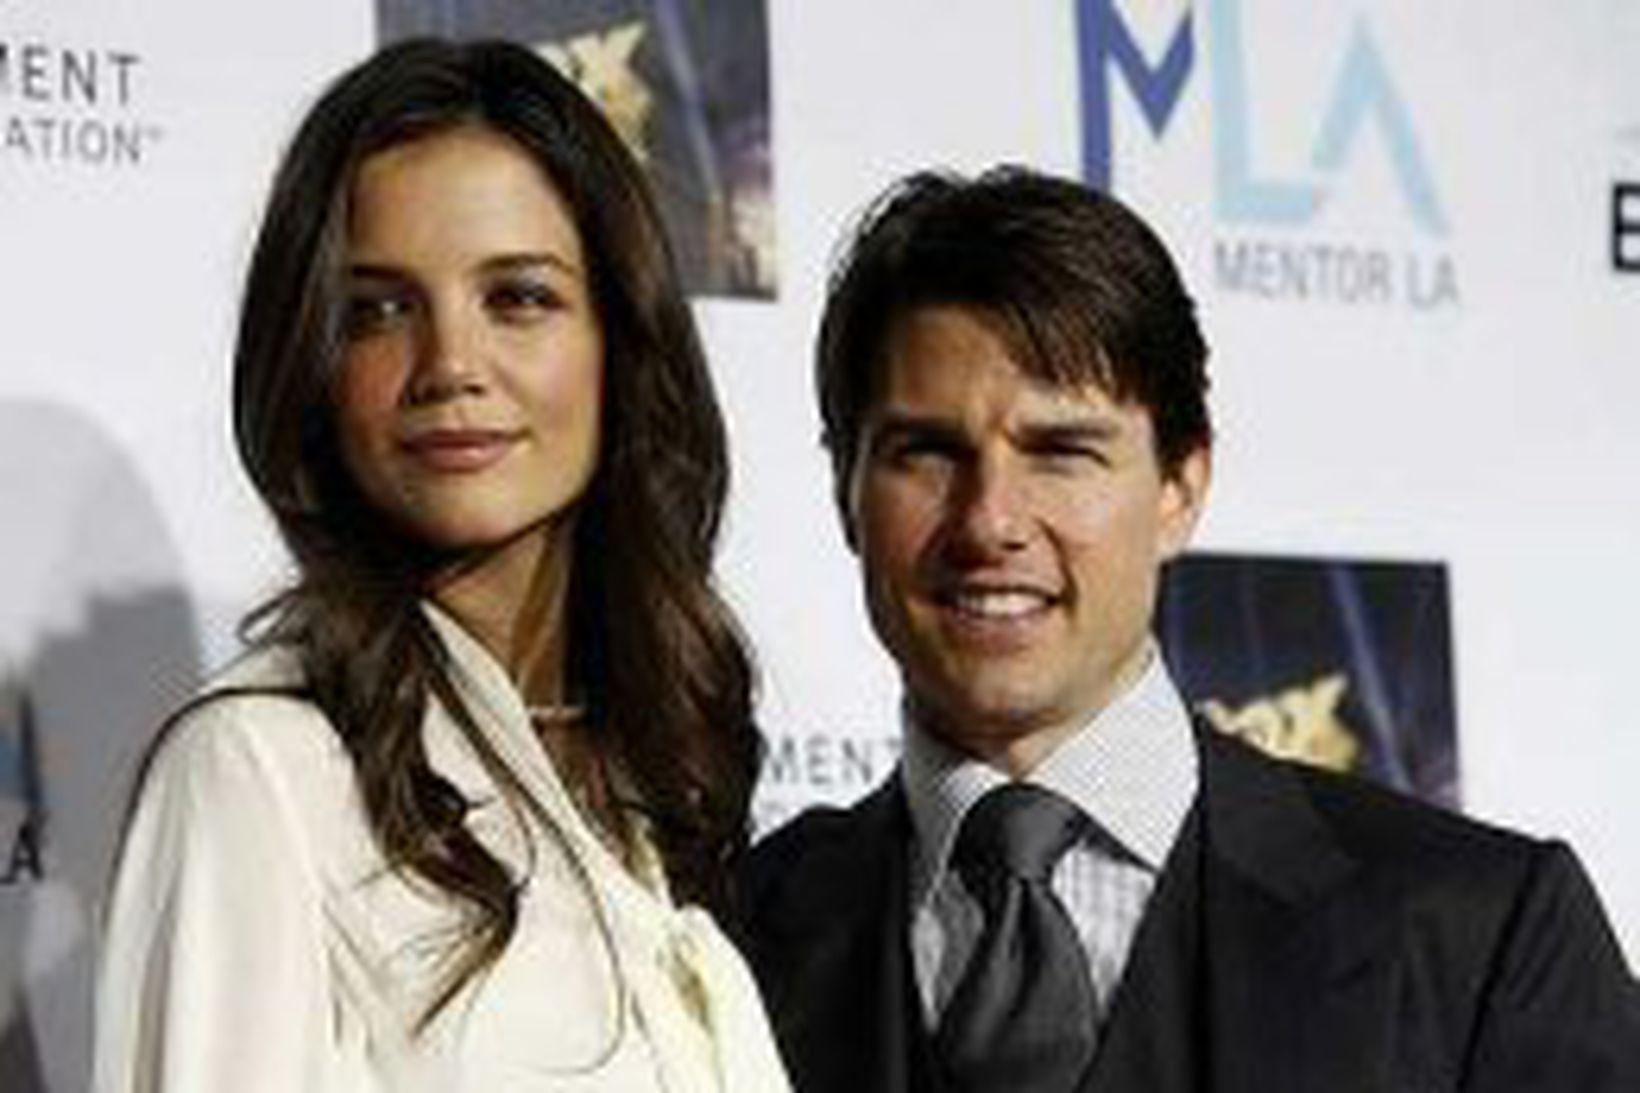 Hjónakornin Tom Cruise og Katie Holmes.